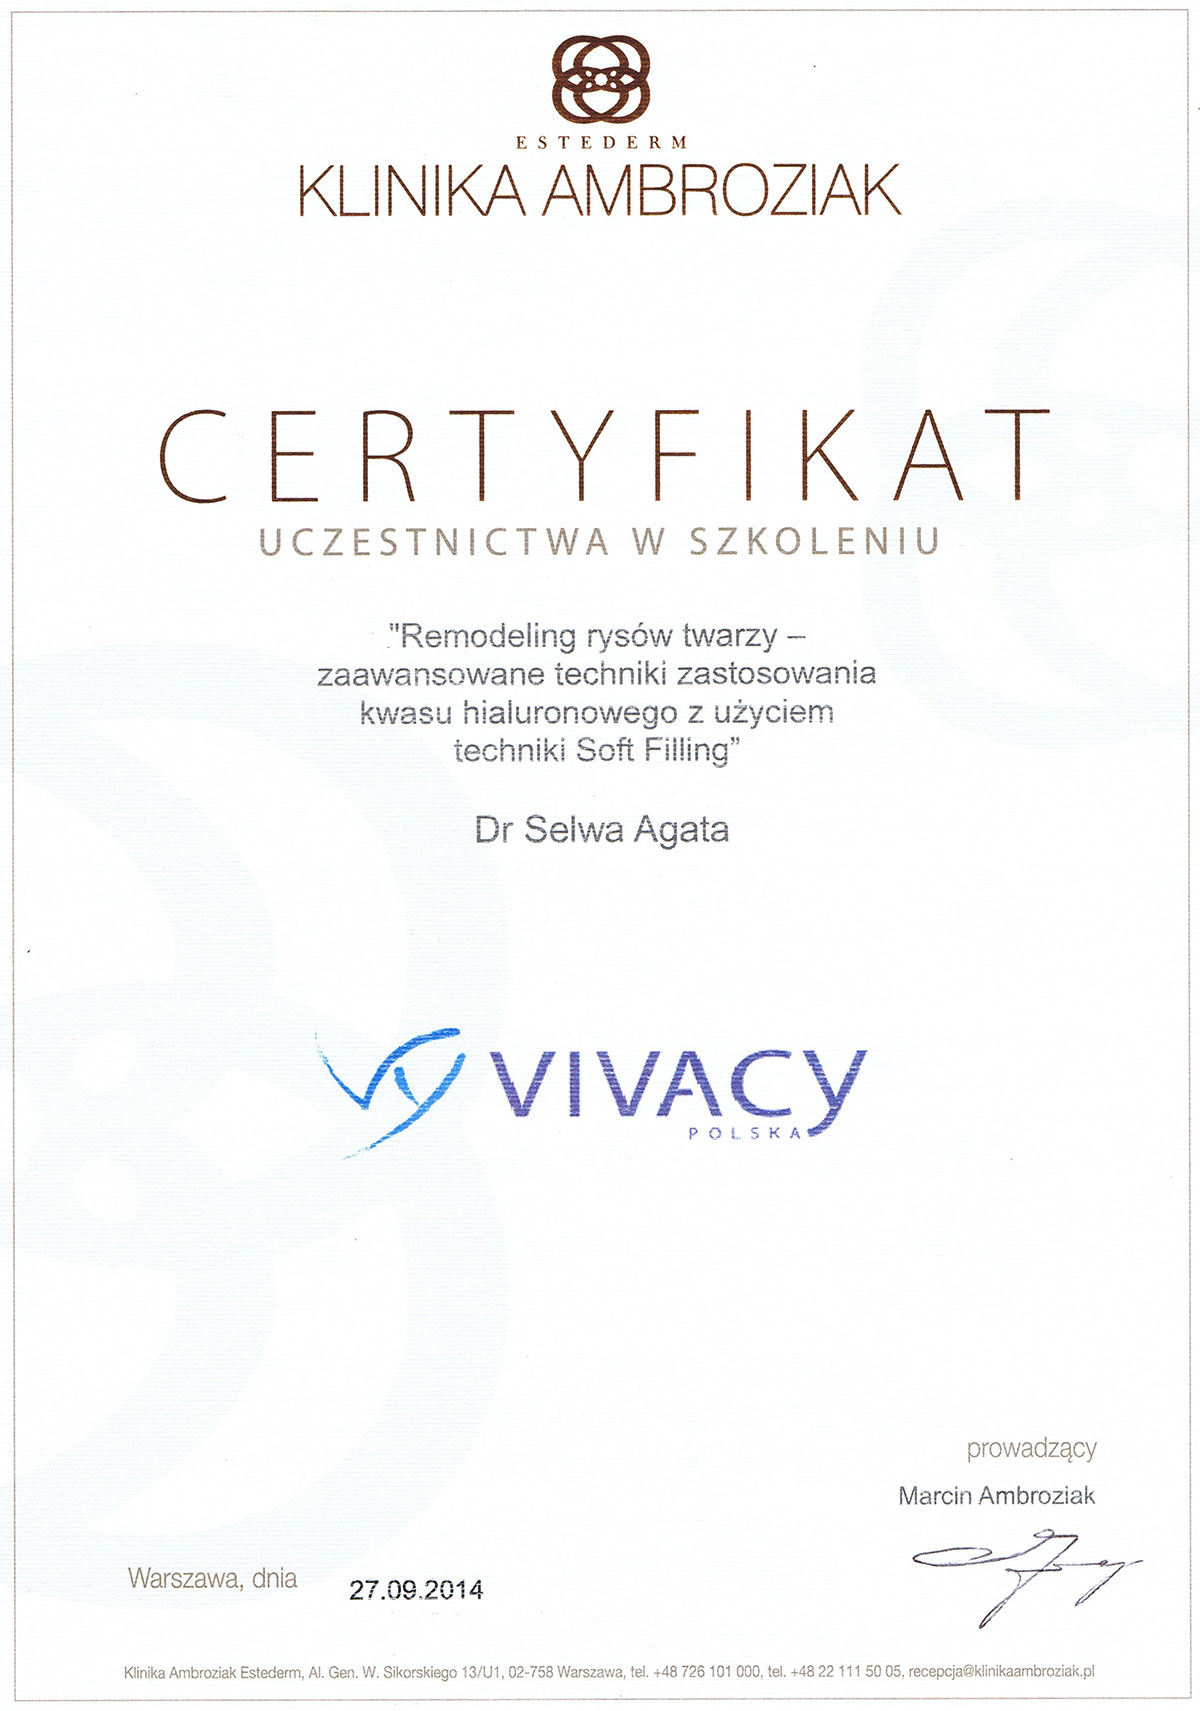 certyfikat1 - O MNIE